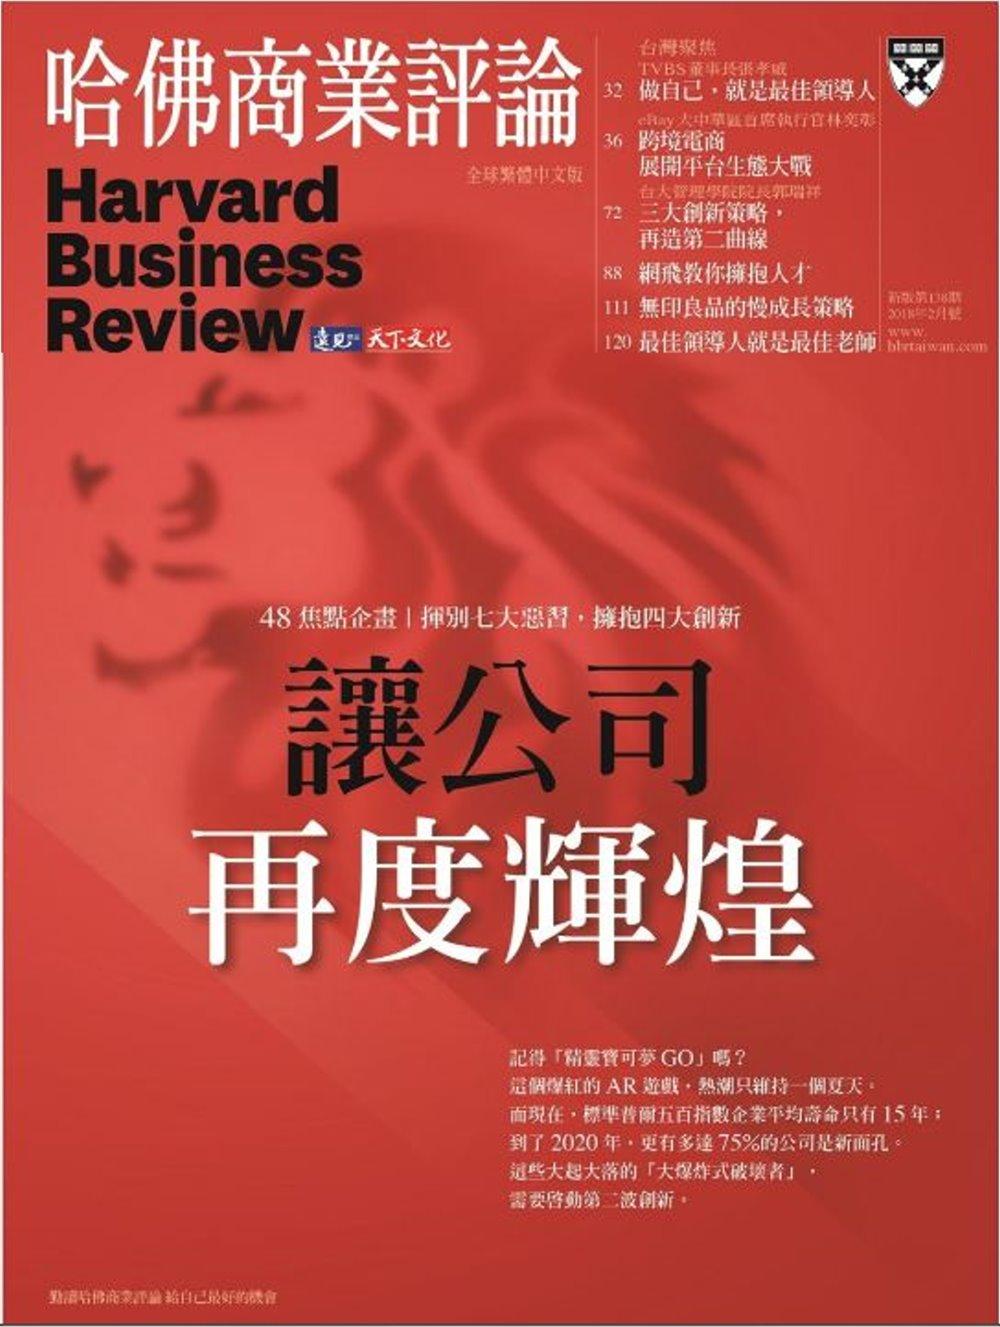 哈佛商業評論全球中文版 2月號/2018 第138期